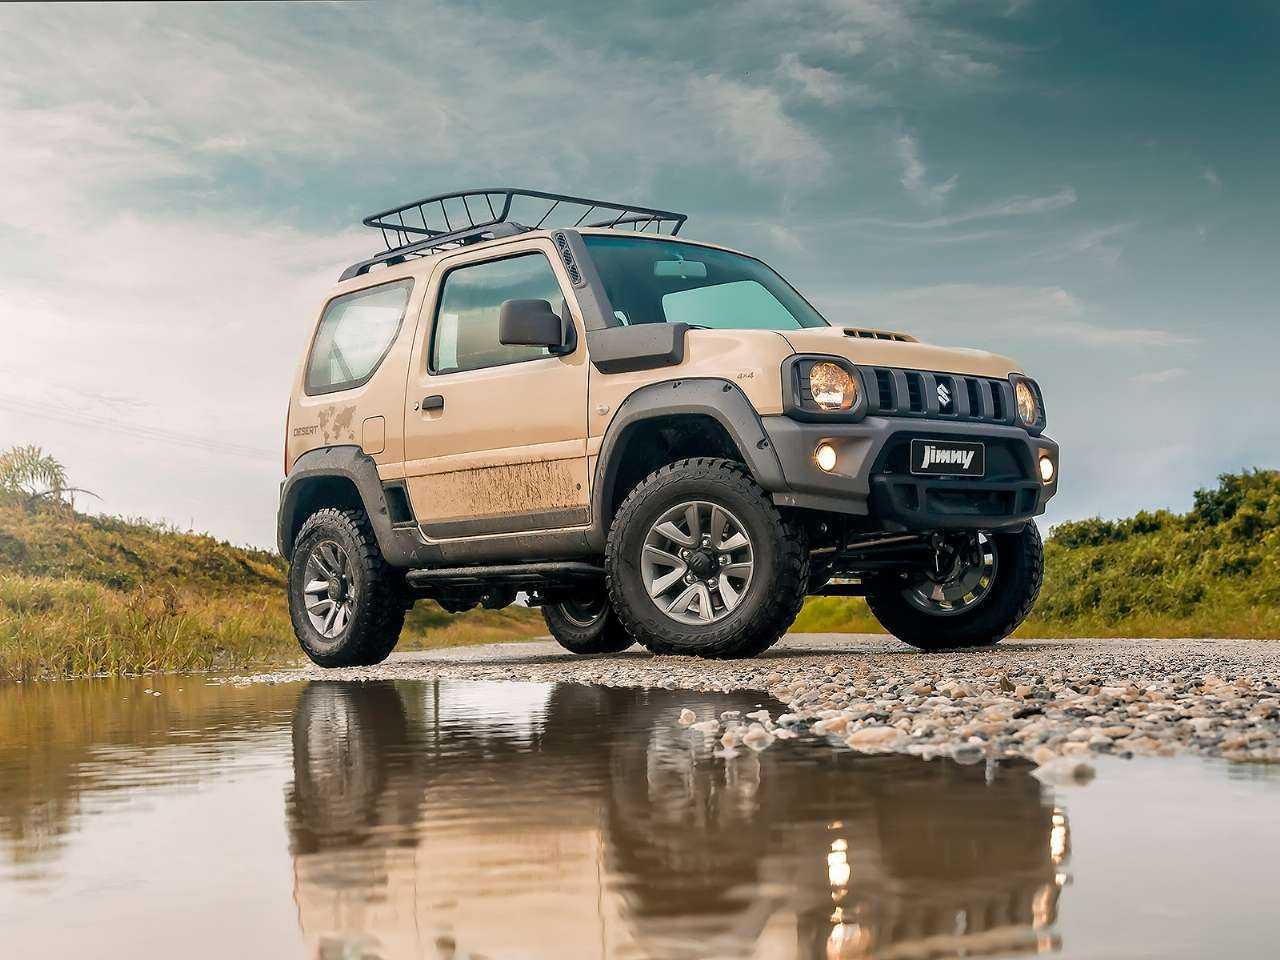 Suzuki jimny 2020 года — компактный внедорожник повышенной проходимости с рамой и полным приводом за 1,36 миллиона рублей